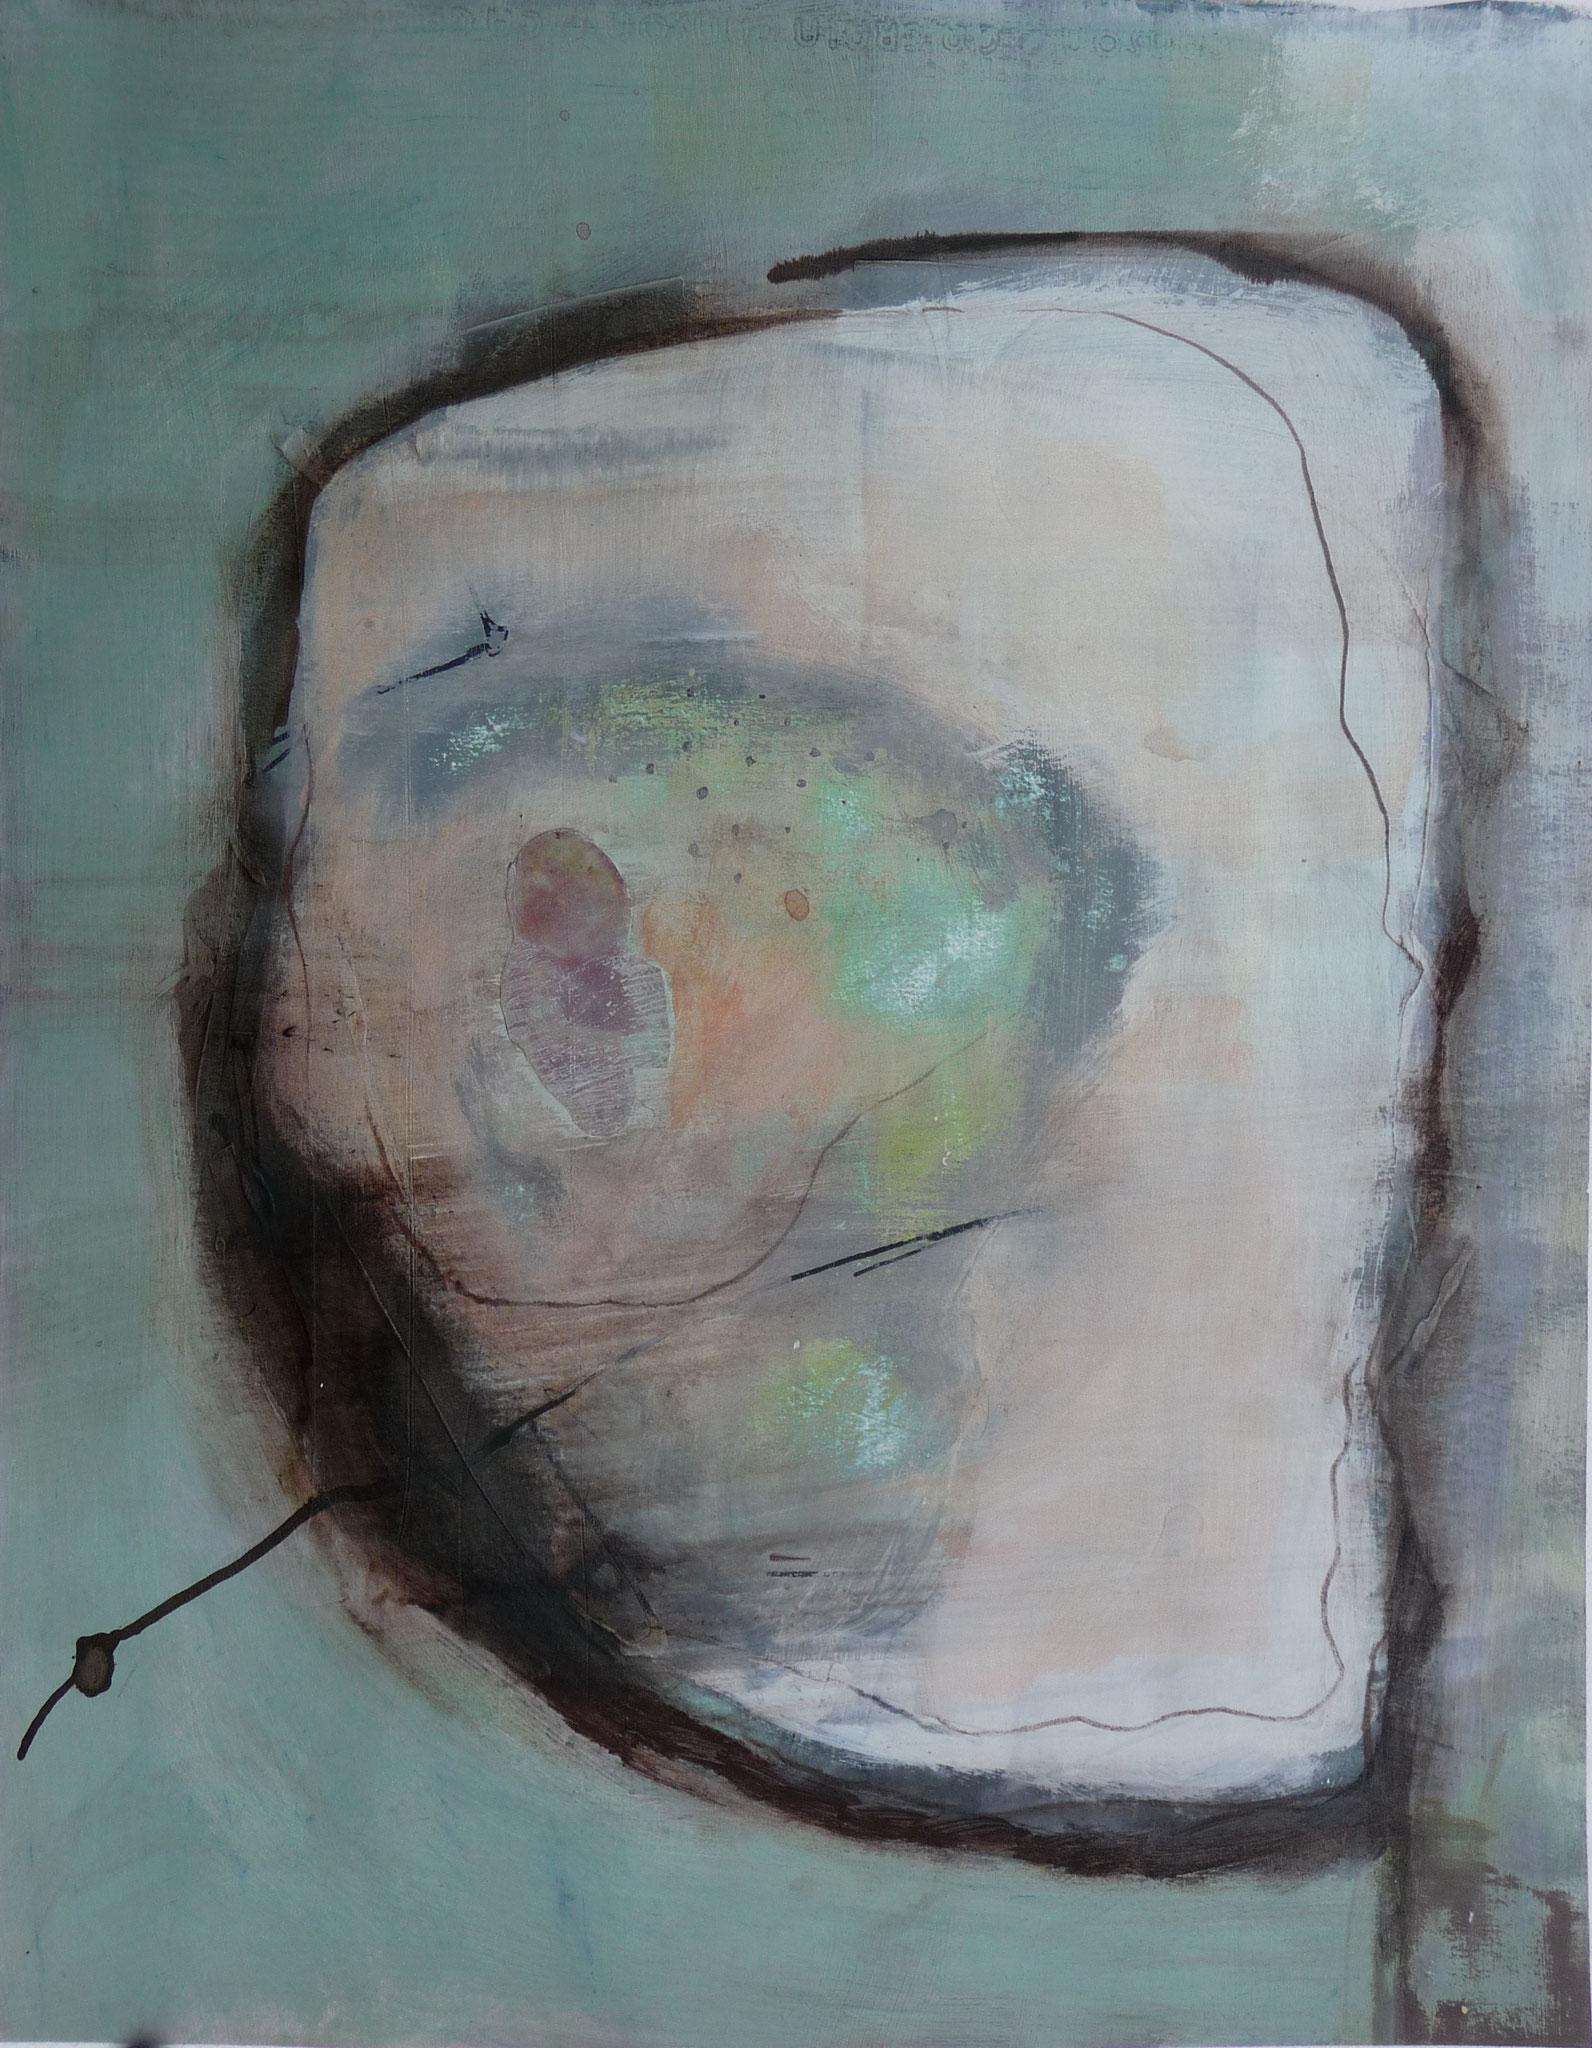 Le nid   ---   2013 - Acrylique sur papier - 60 x 40 cm